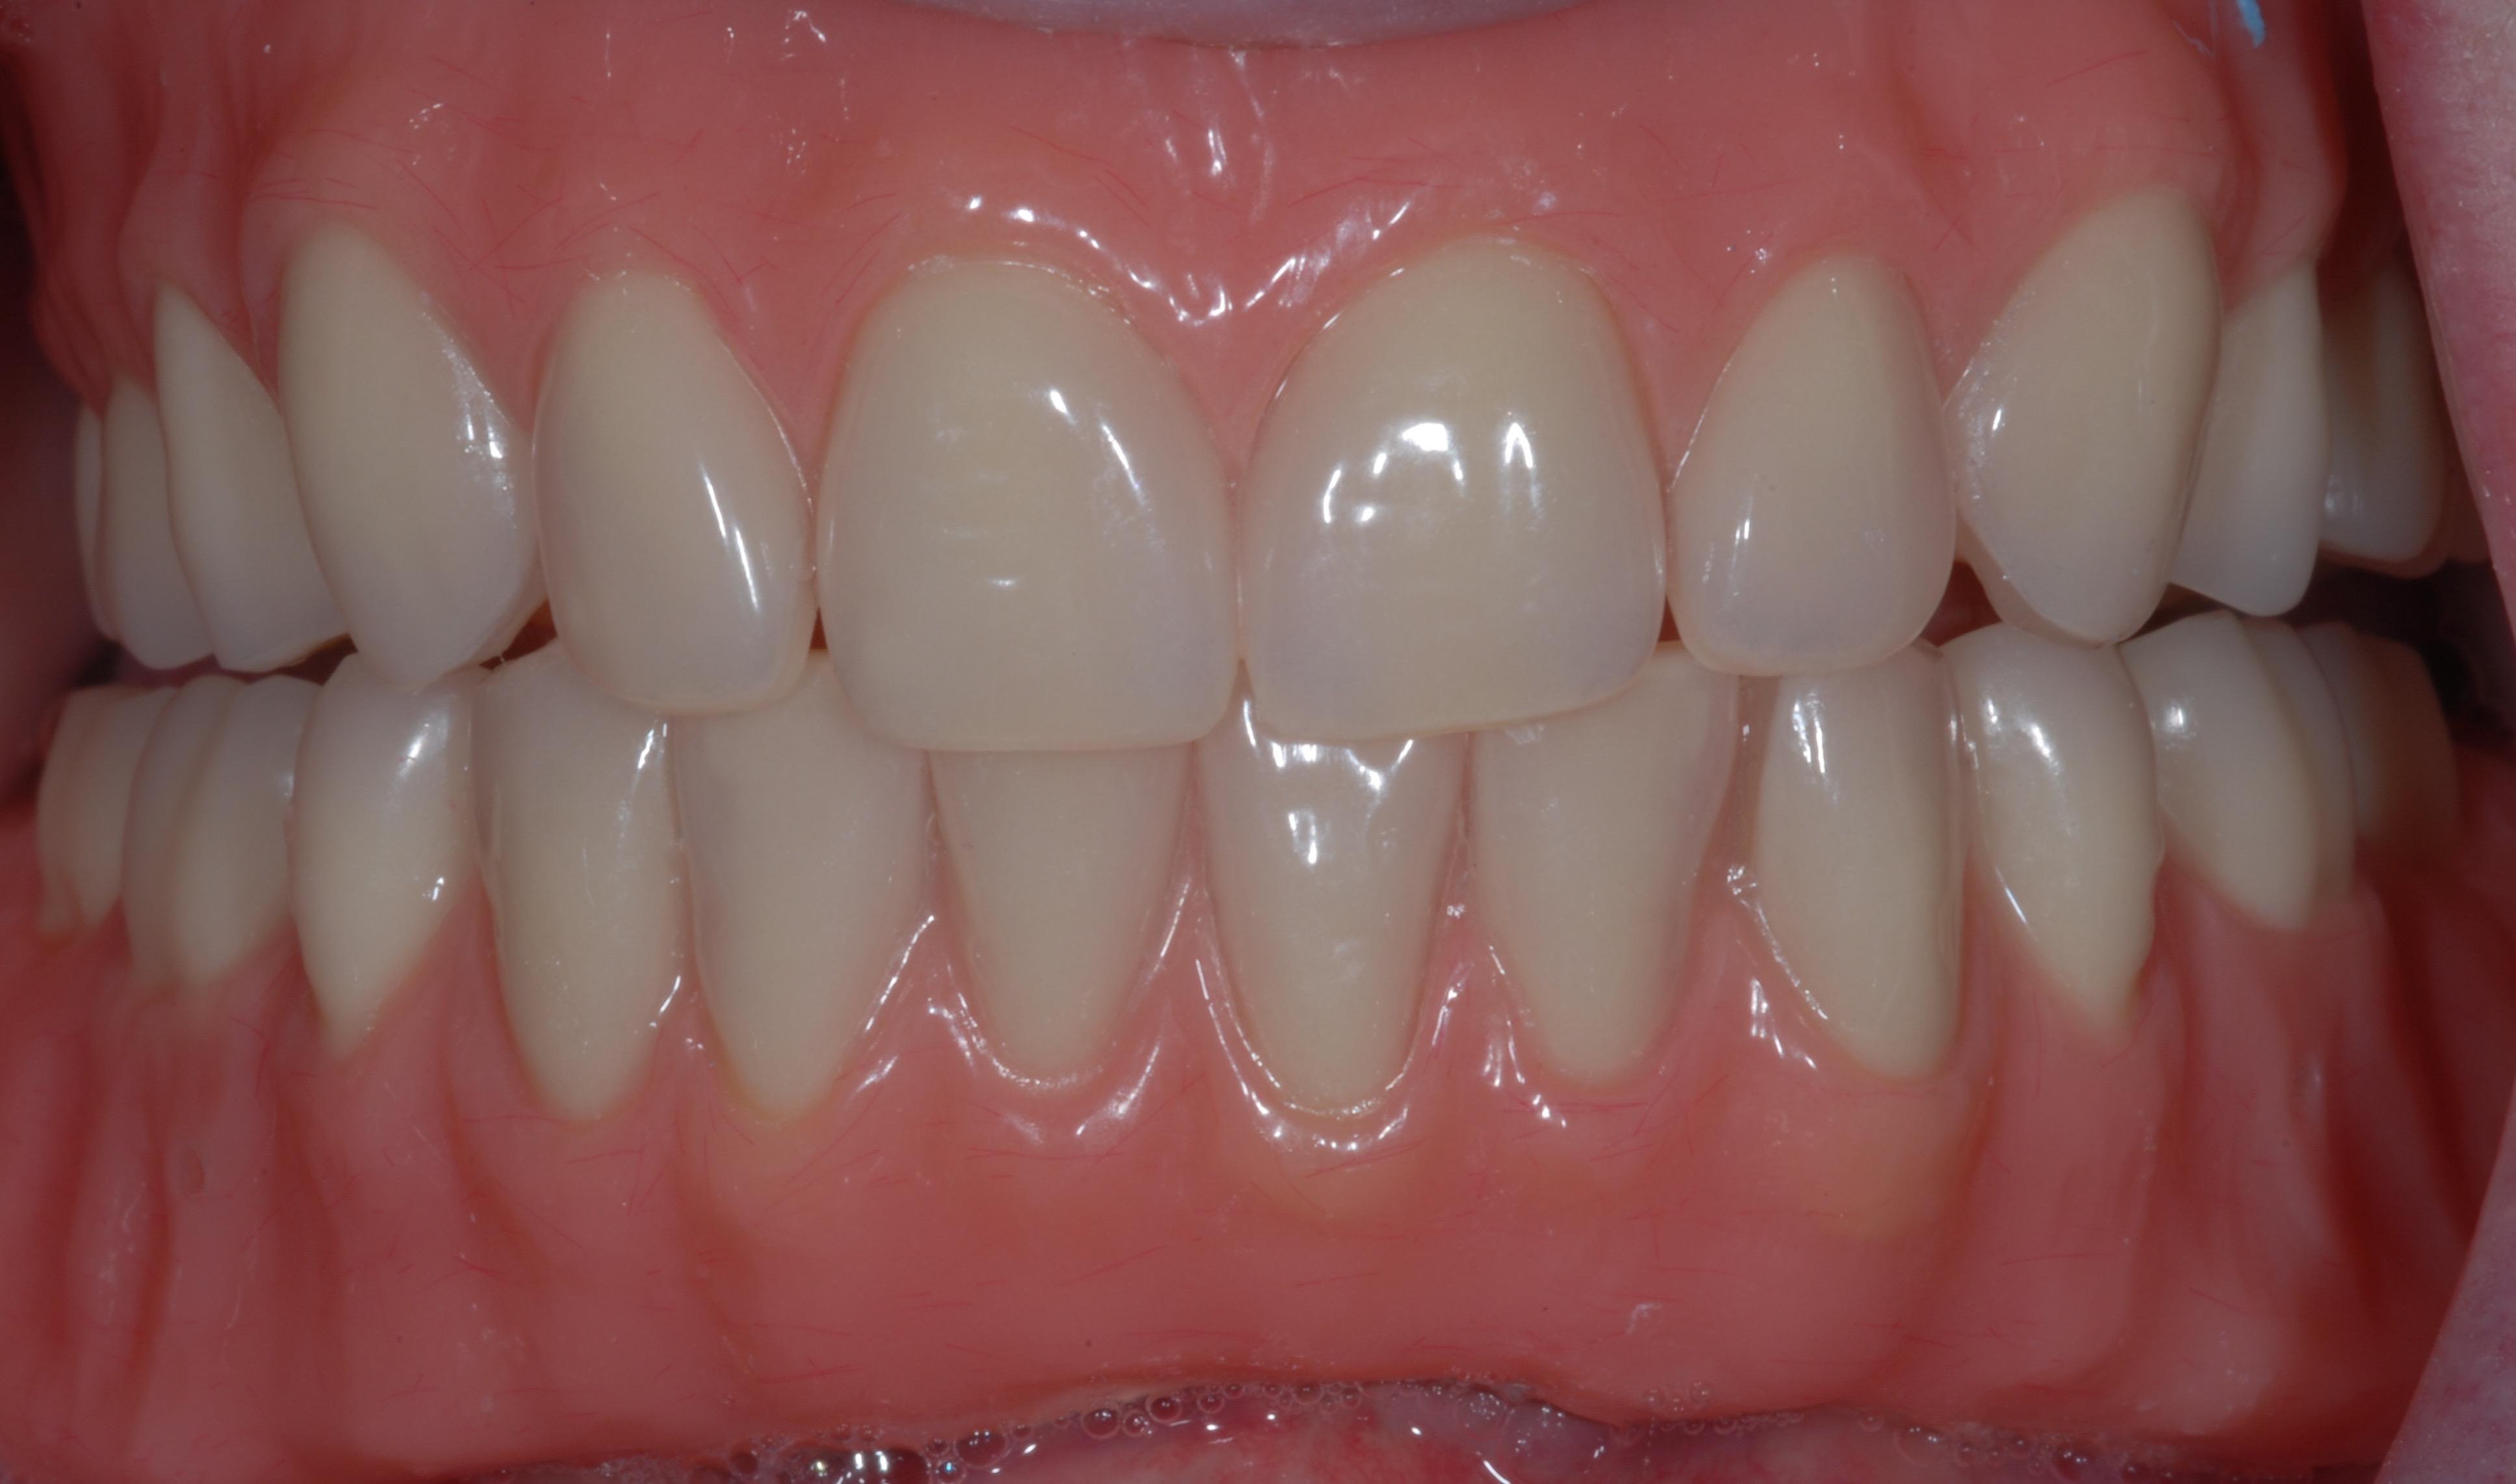 Denture - After